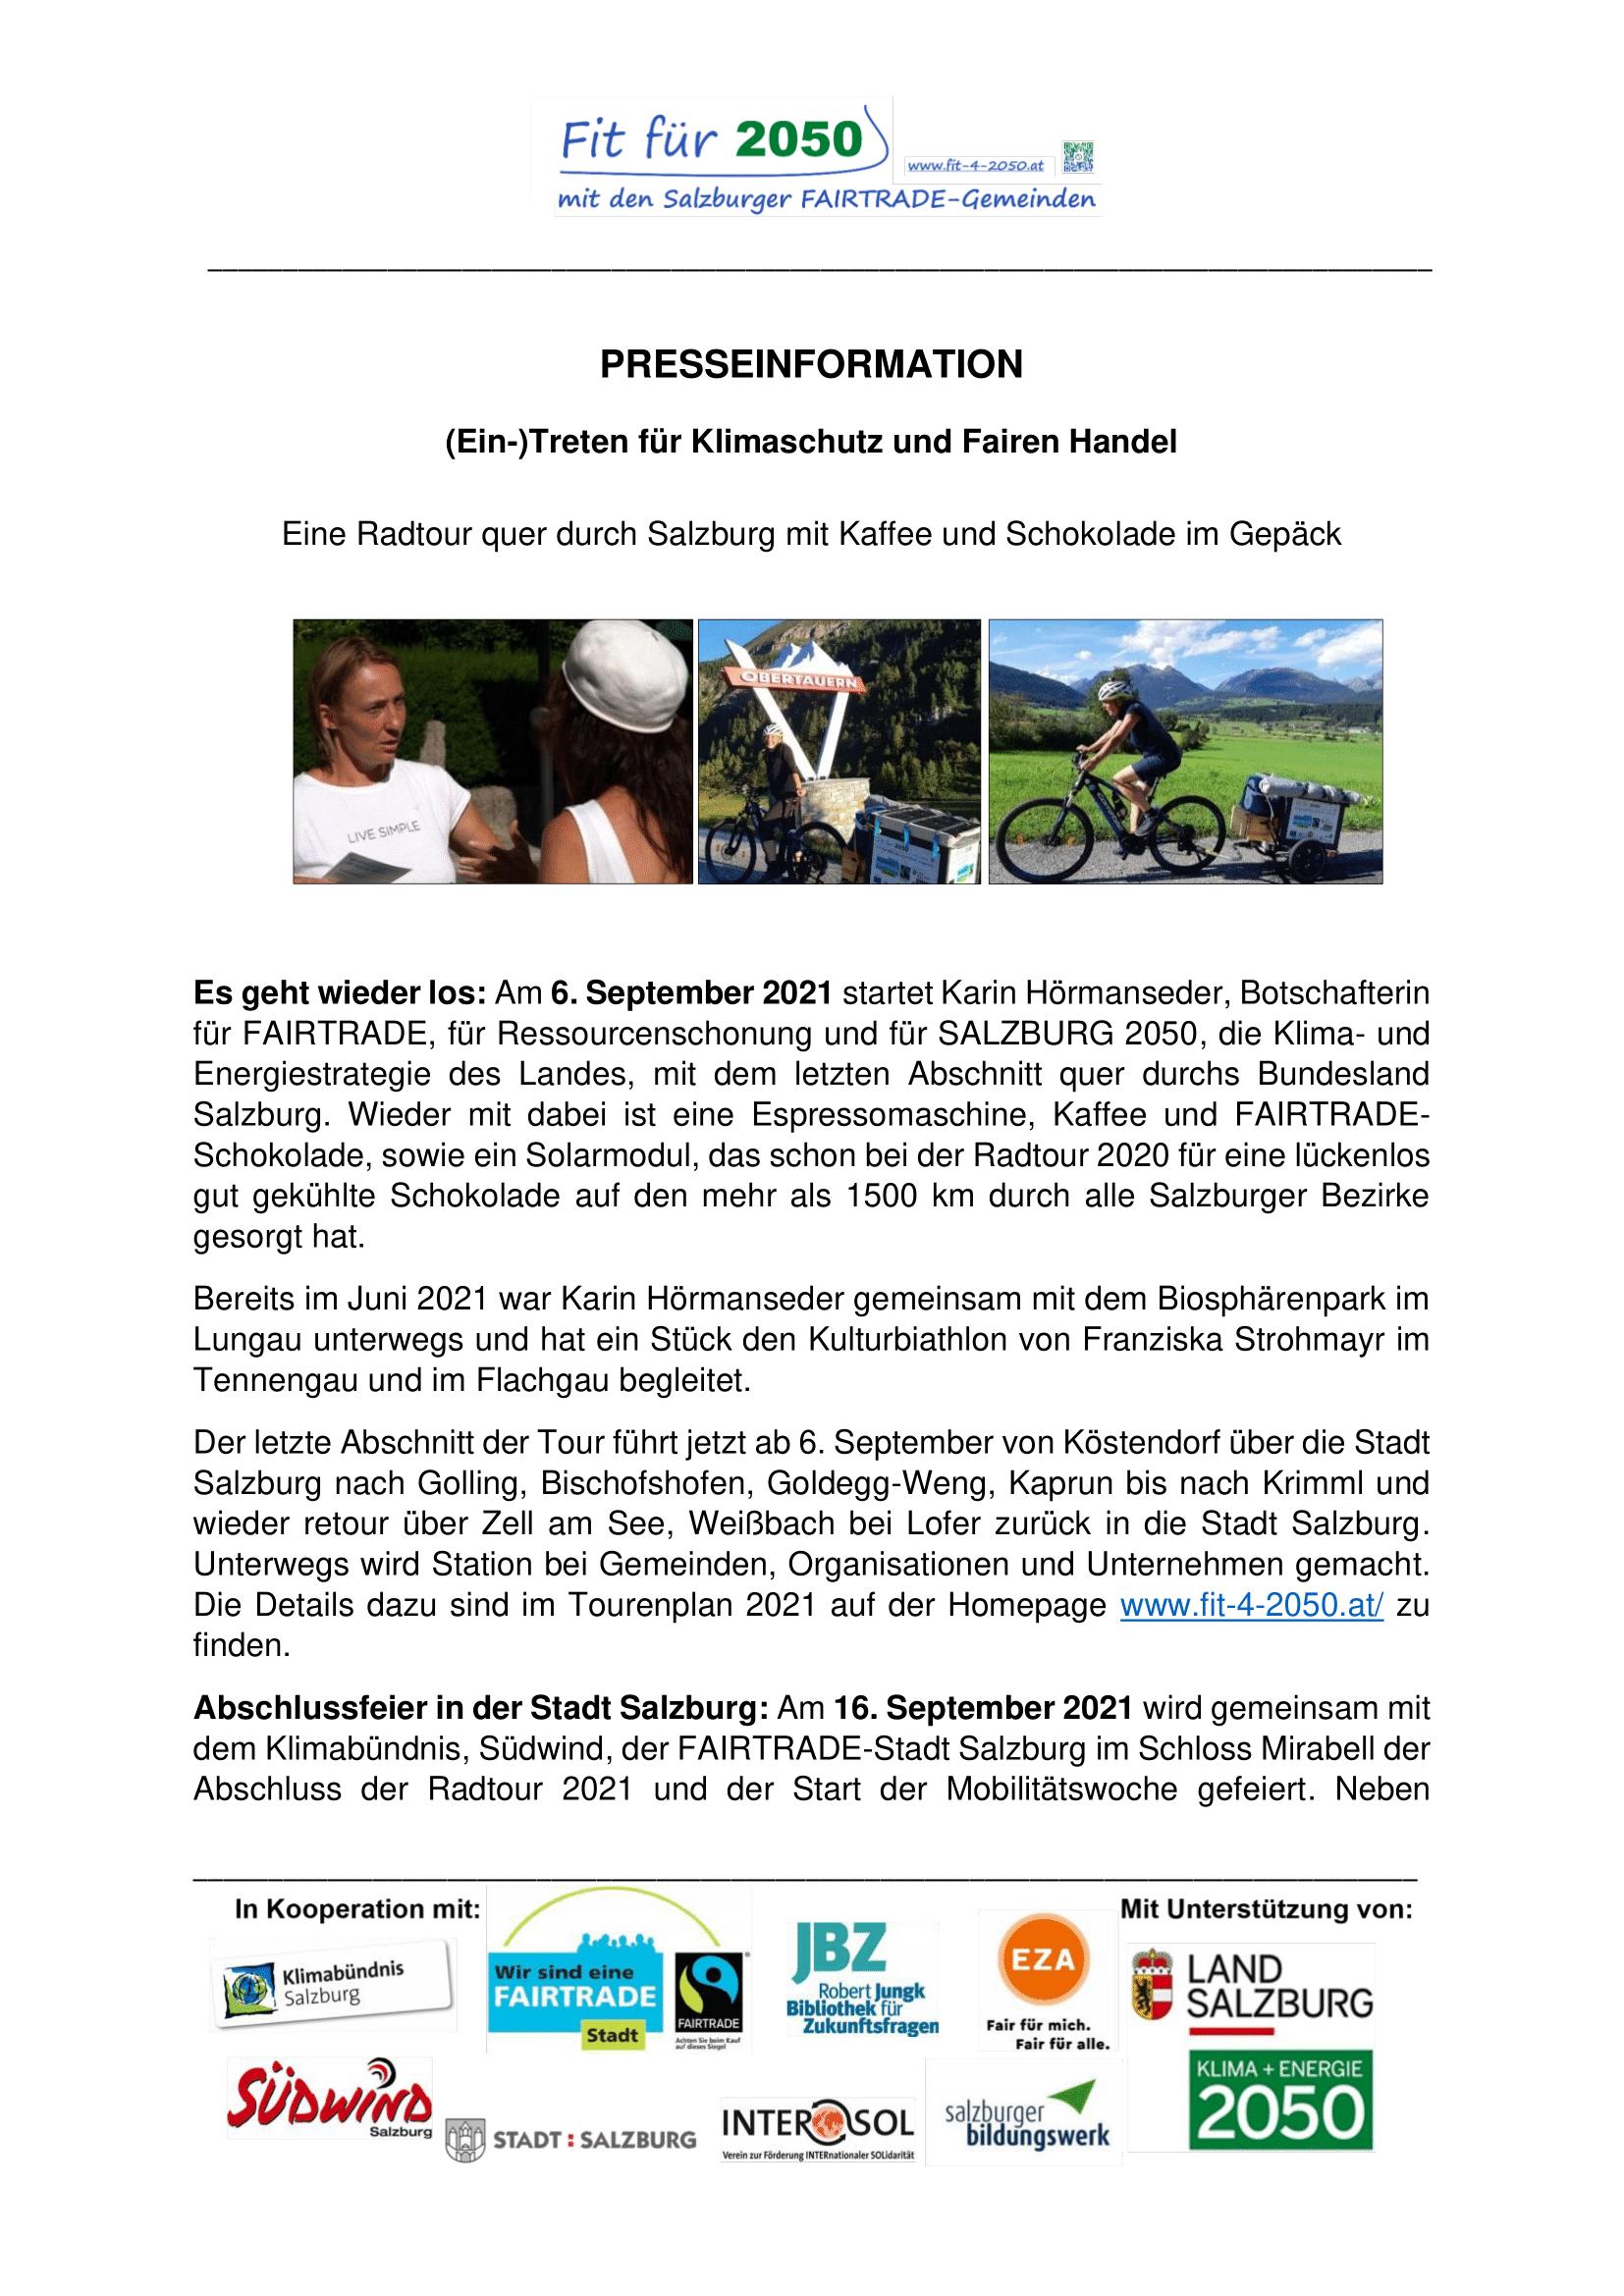 Presseinformation_Radtour-Fit-fuer-2050-fuer-Klimaschutz-und-Fairen-Handel-2021_09